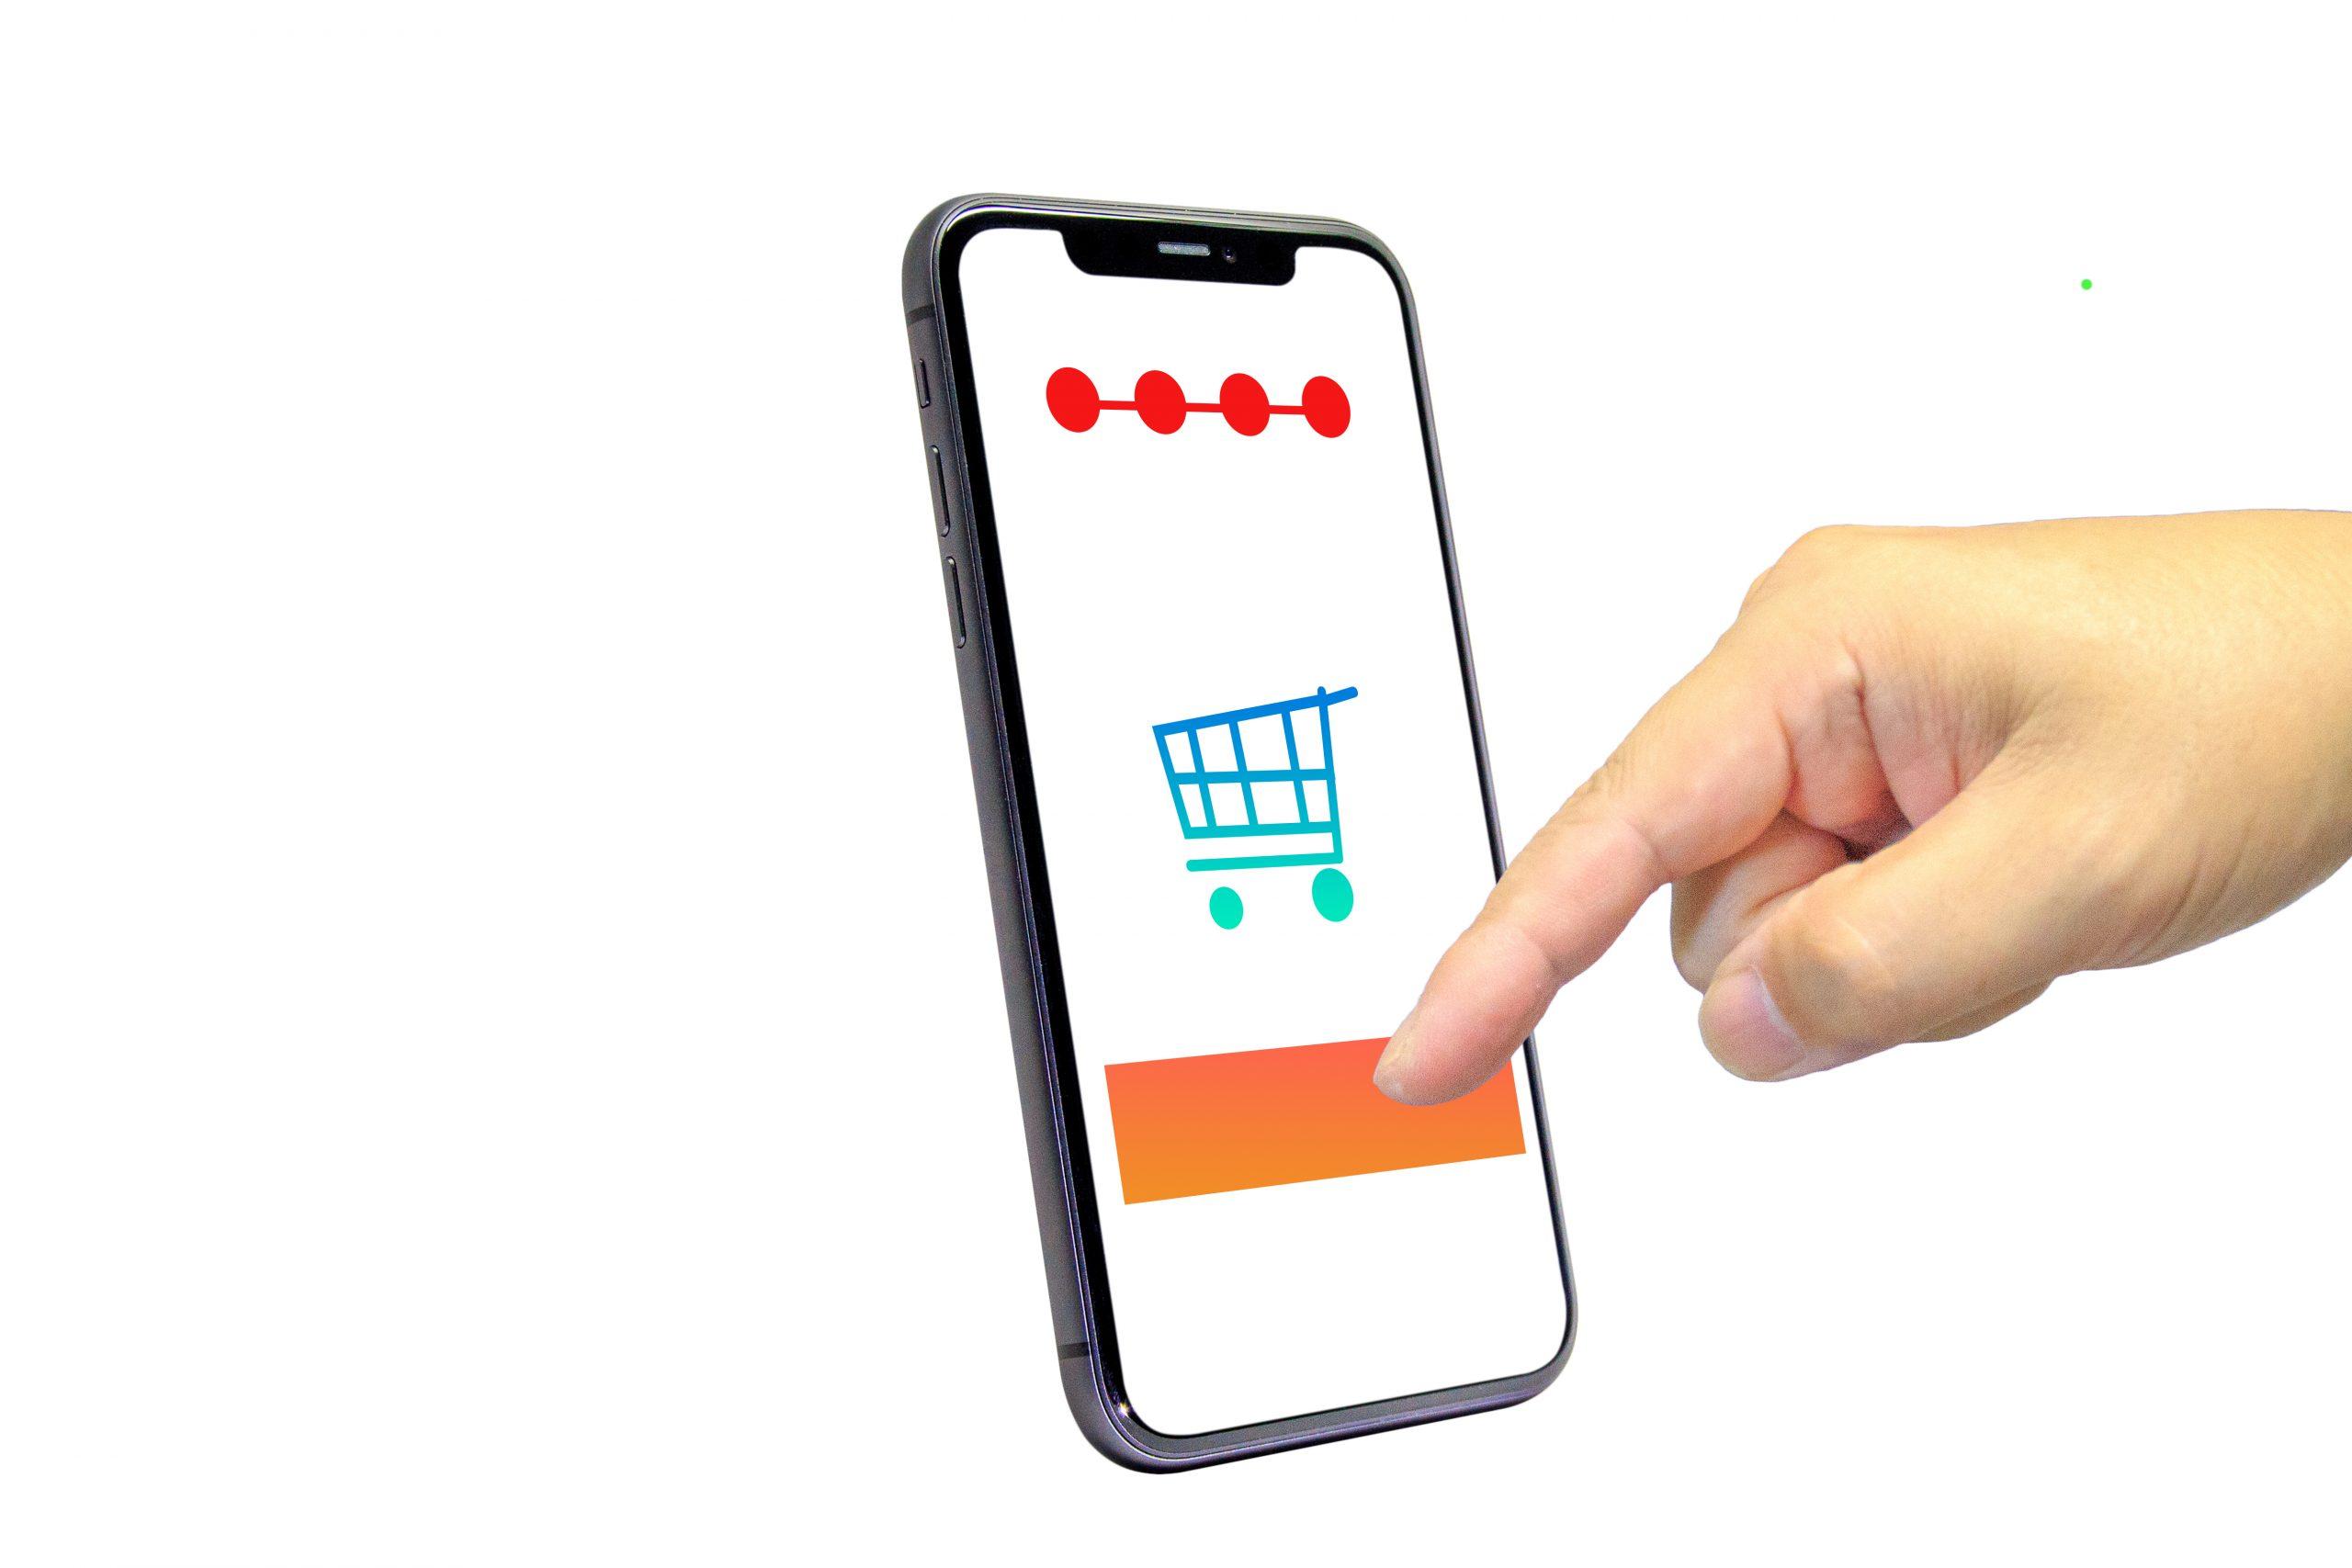 【お得に買い物】楽天市場アプリのメリットとデメリットを徹底解説【ポイ活】